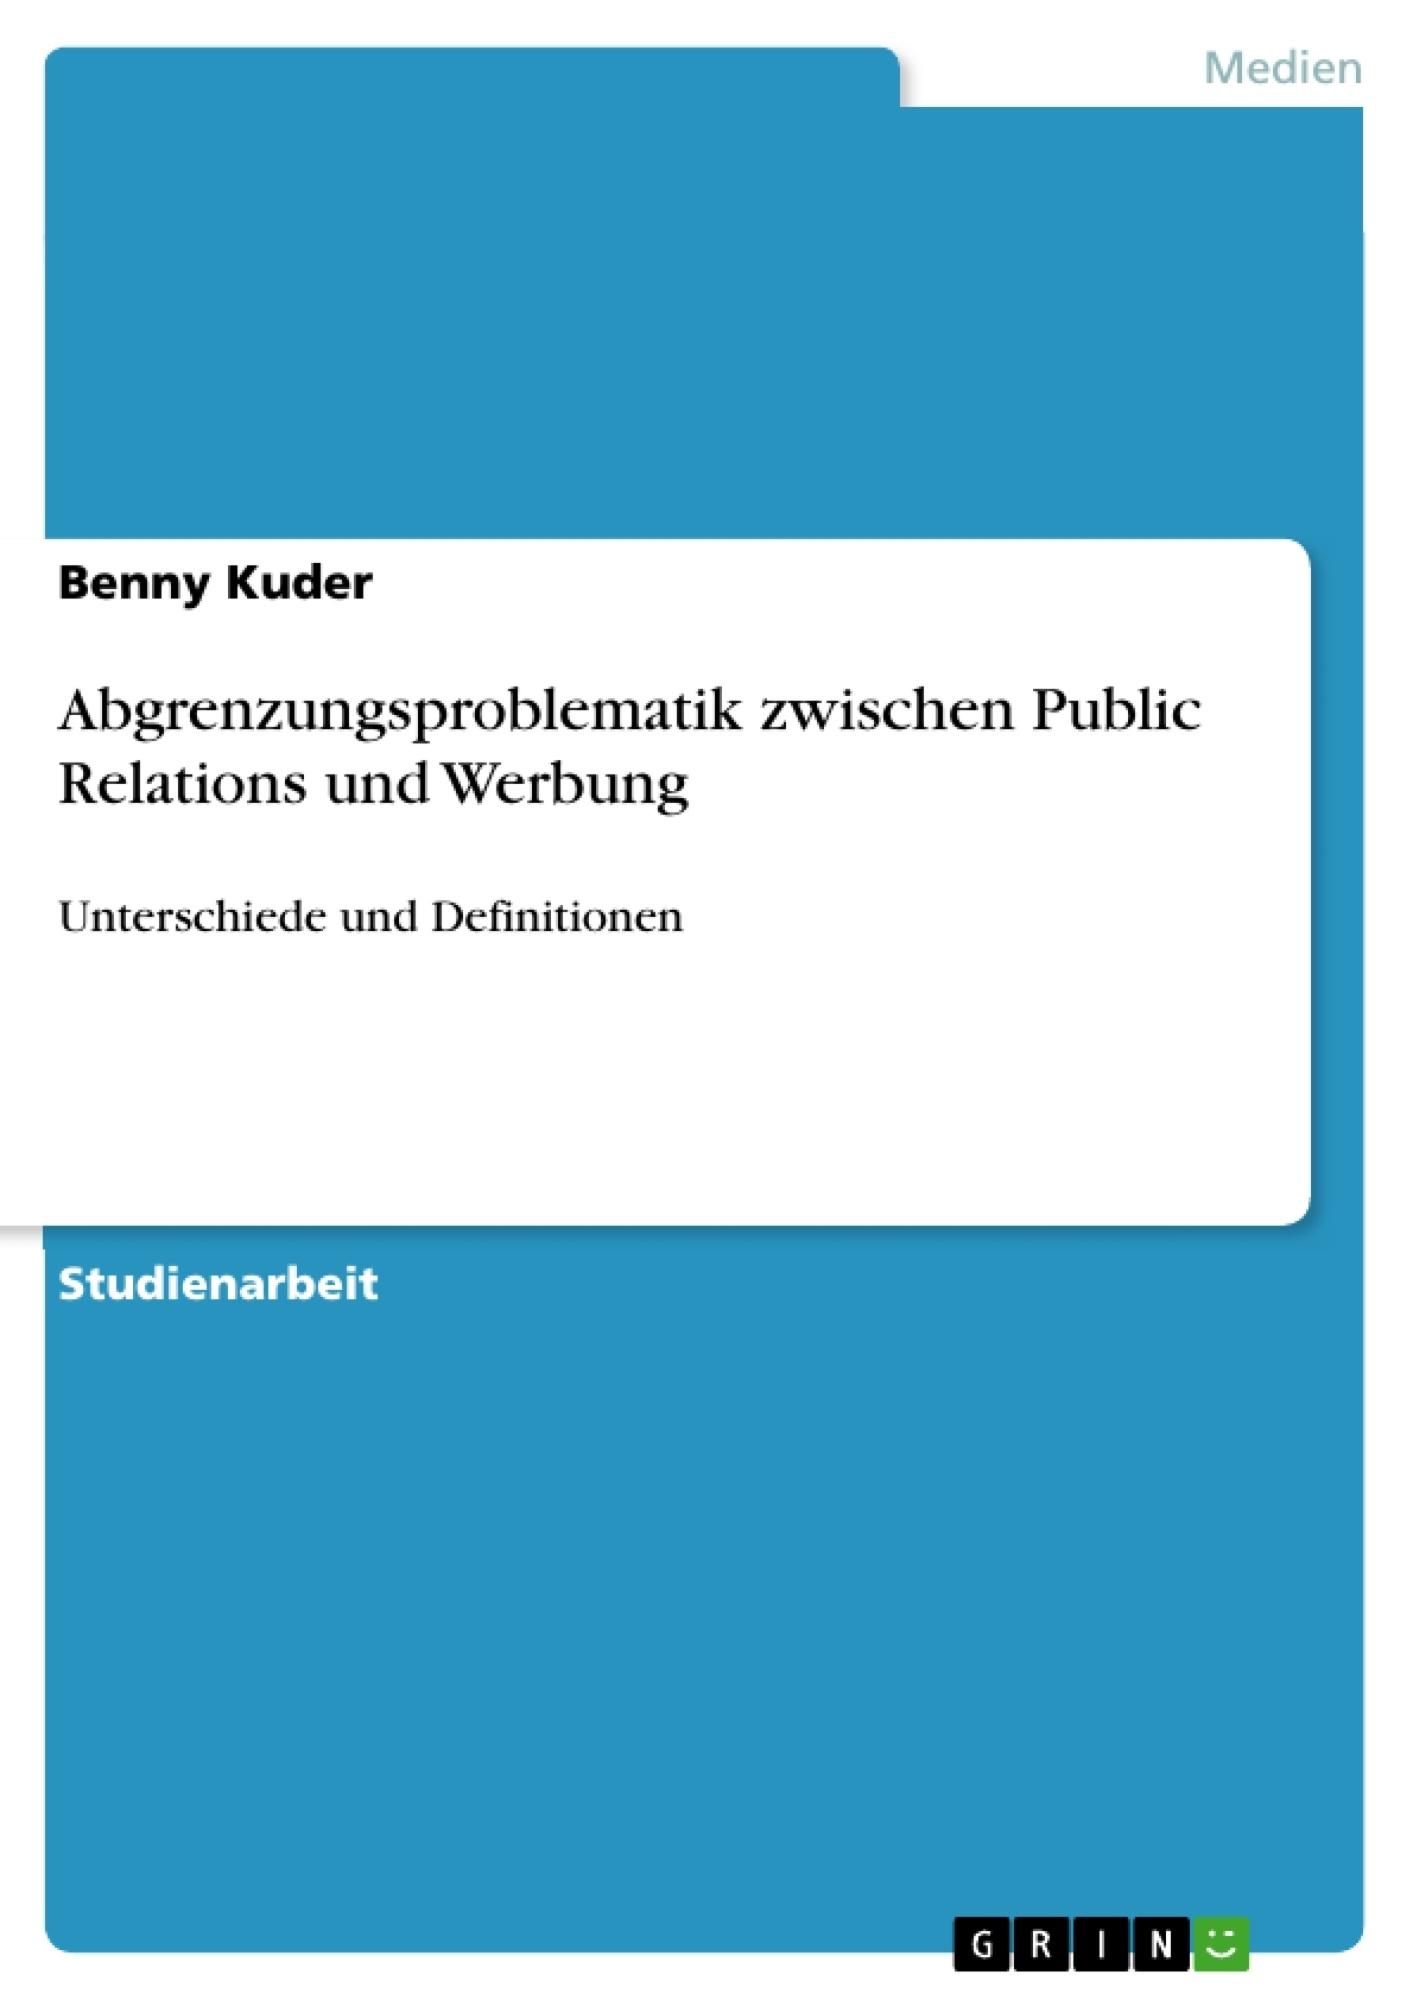 Titel: Abgrenzungsproblematik zwischen Public Relations und Werbung